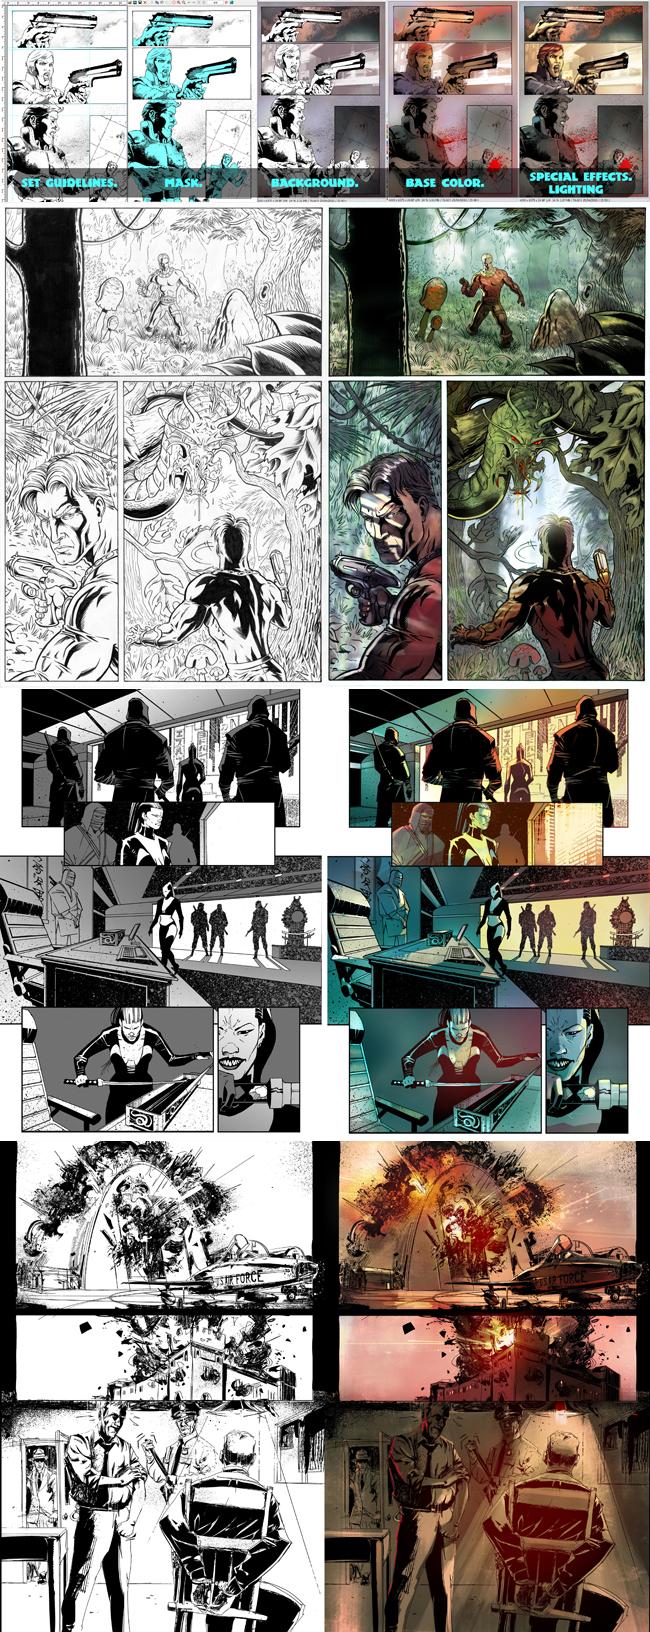 Color digital de paginas de comic. Robocop. Academia 10.